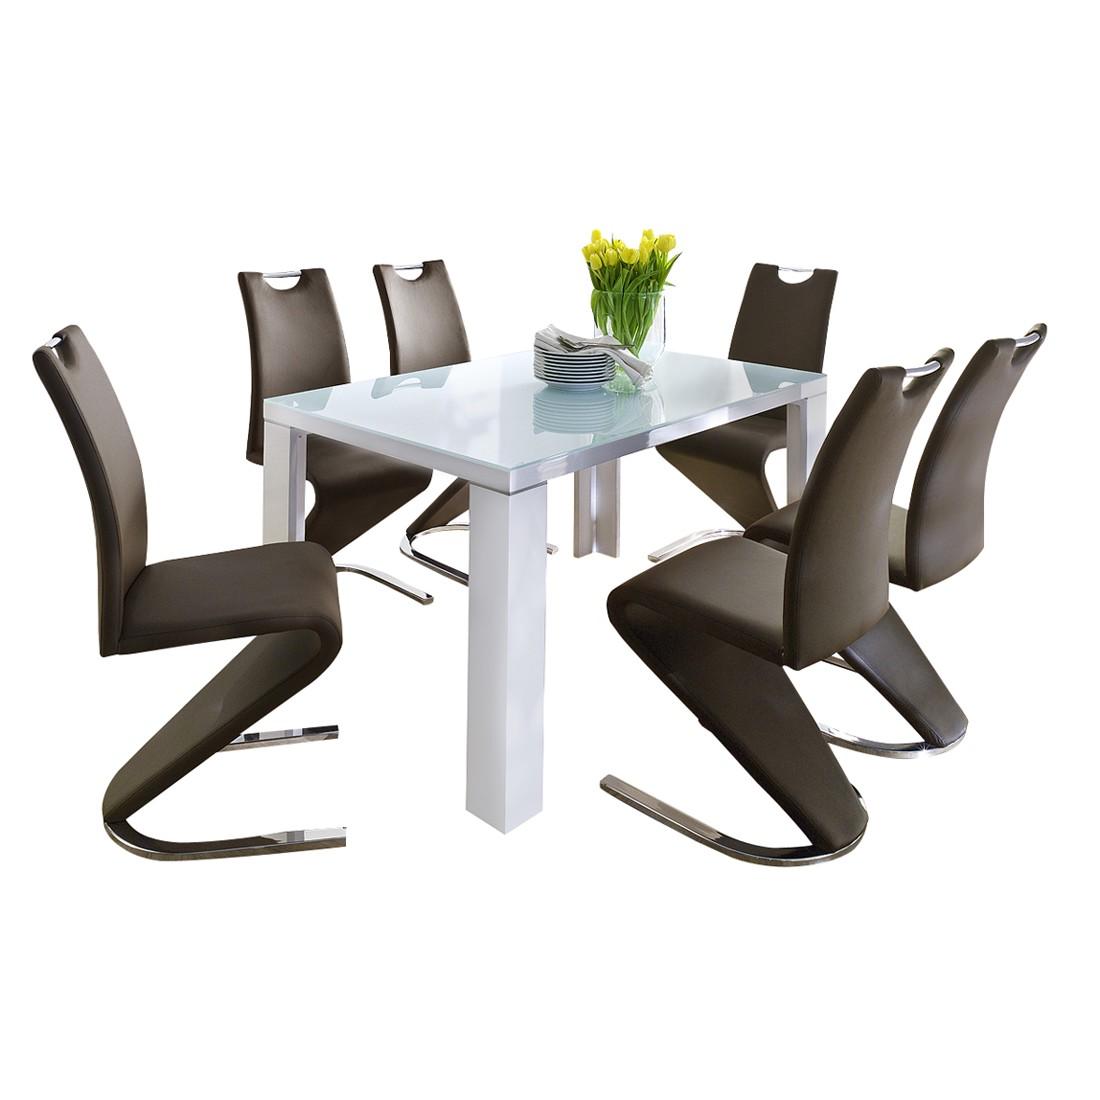 Home 24 - Ensemble de salle à manger tizio (7 éléments) - verre / blanc brillant - cuir synthétique / marron, bellinzona